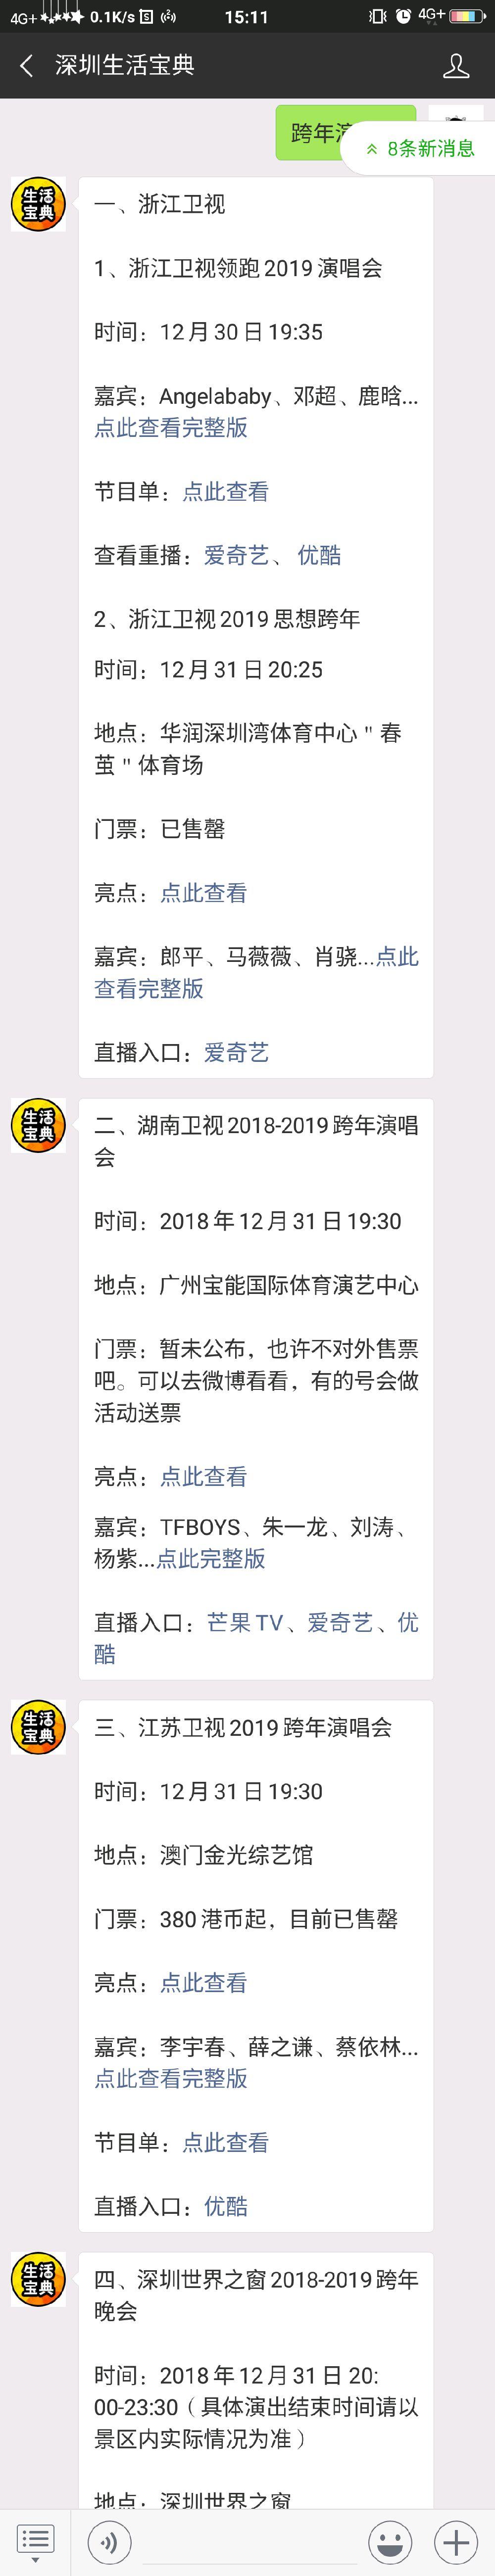 2019江苏卫视跨年演唱会节目单